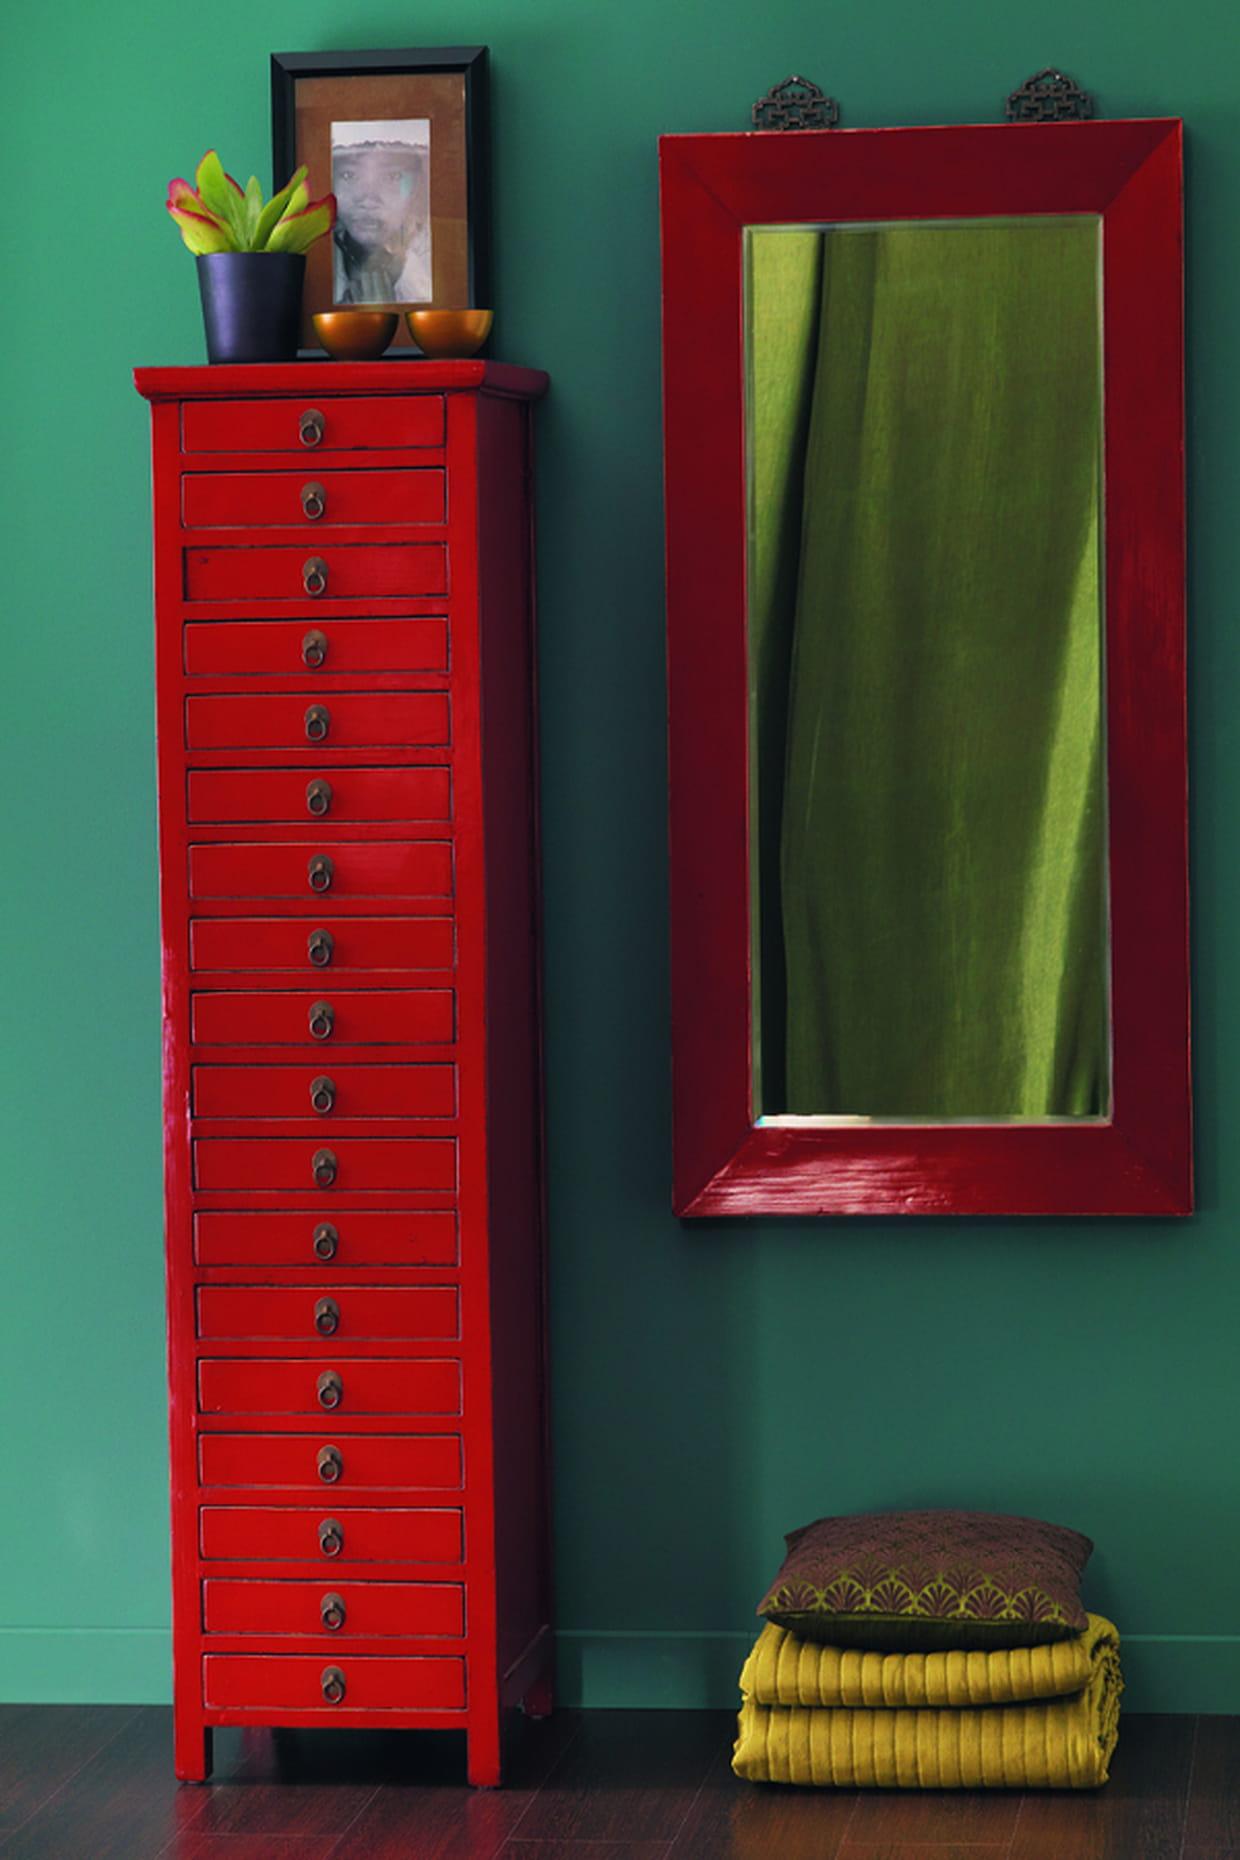 Un miroir pour augmenter le volume de la pi ce - Miroir agrandir piece ...